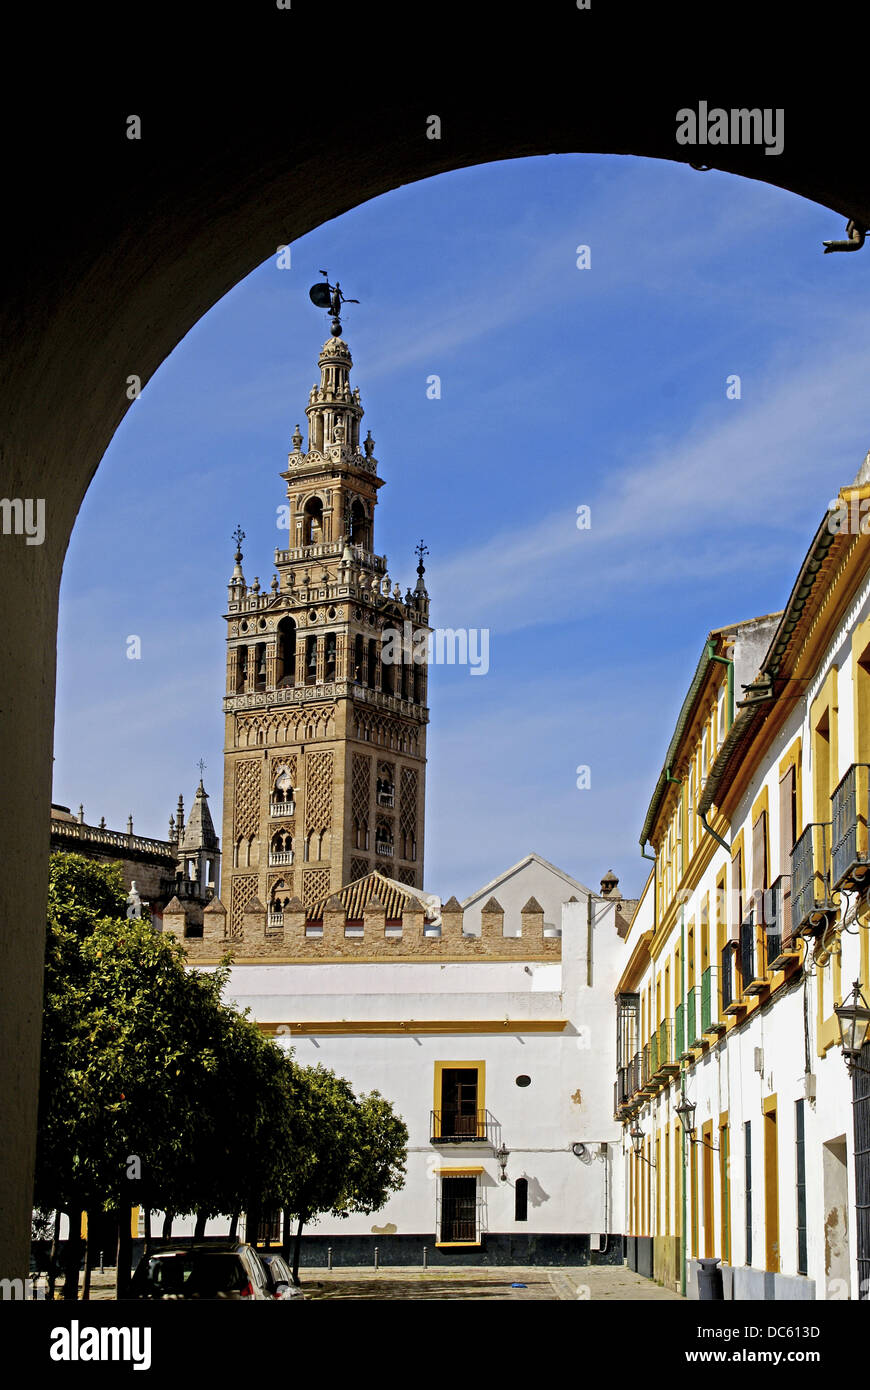 Torre Giralda dalla 'Plaza de Armas' a Siviglia. Andalusia. Spagna. Immagini Stock